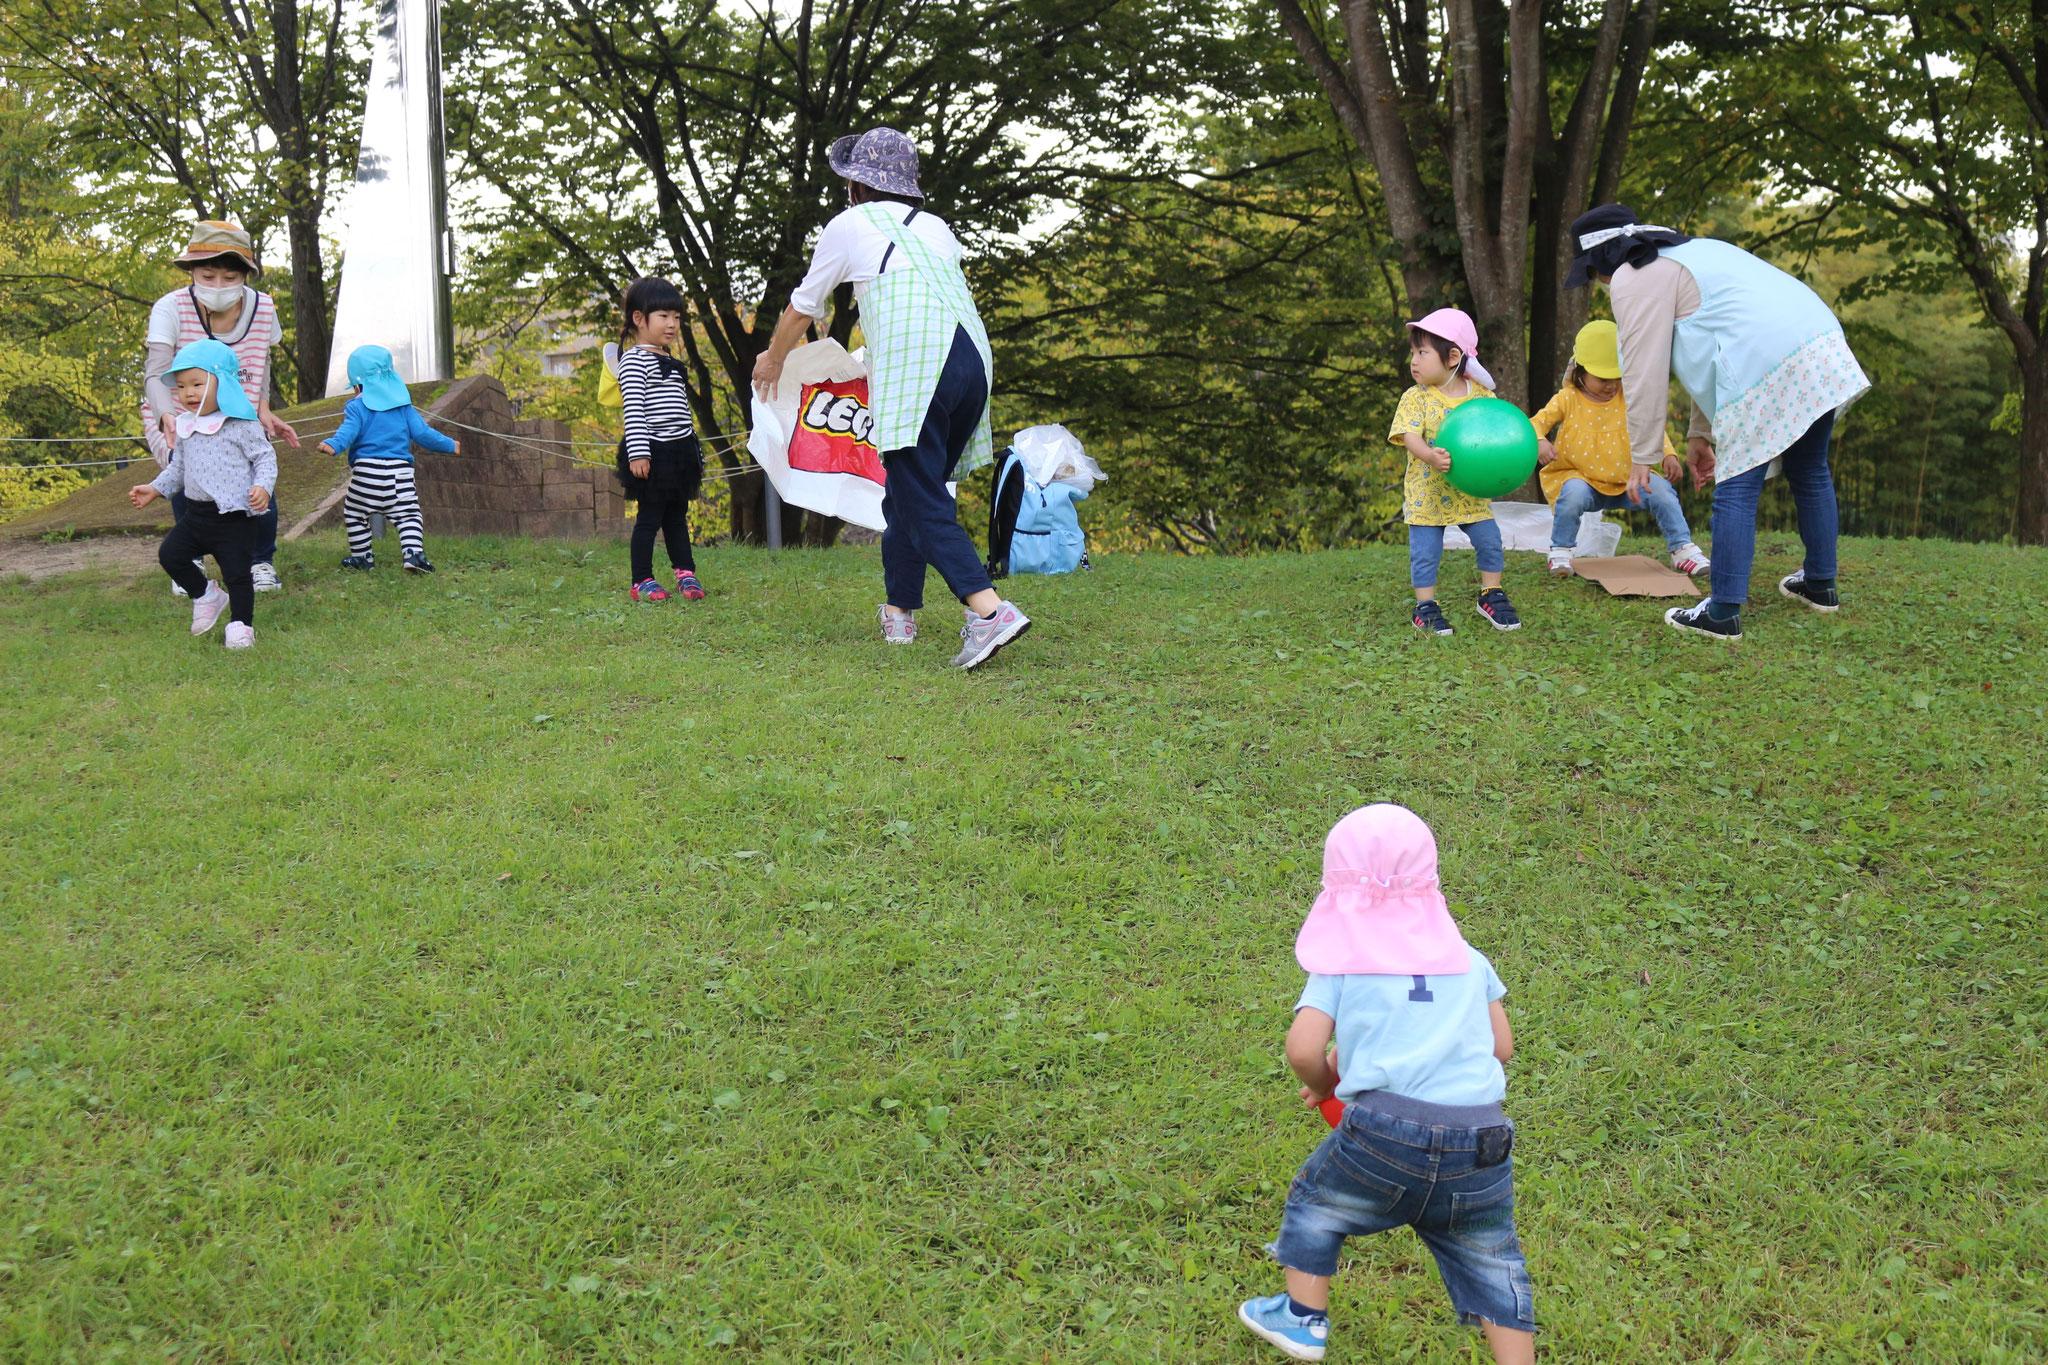 秋になり七北田公園での園外保育も増えています。今まで遊んだことのない場所で新しい遊びにも挑戦してまいります。